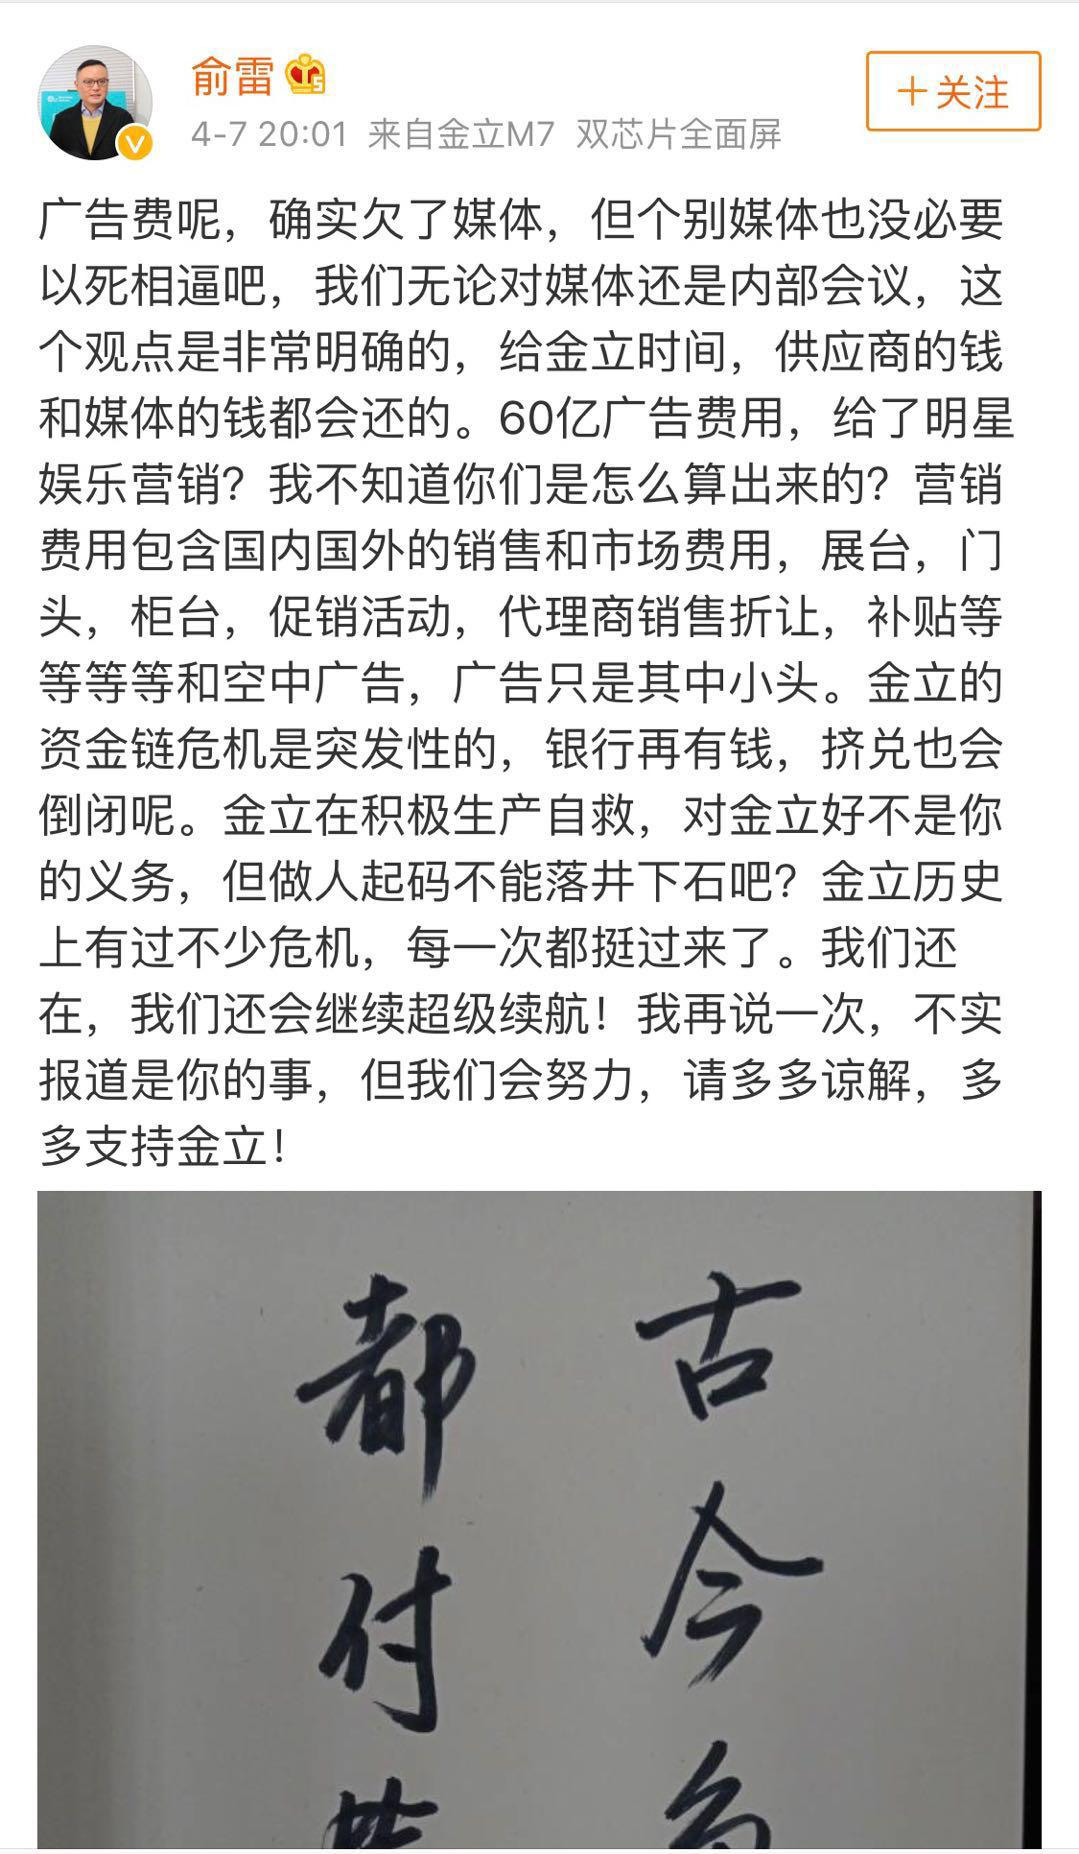 金立副总裁回应60亿广告费:确实拖欠 不要落井下石